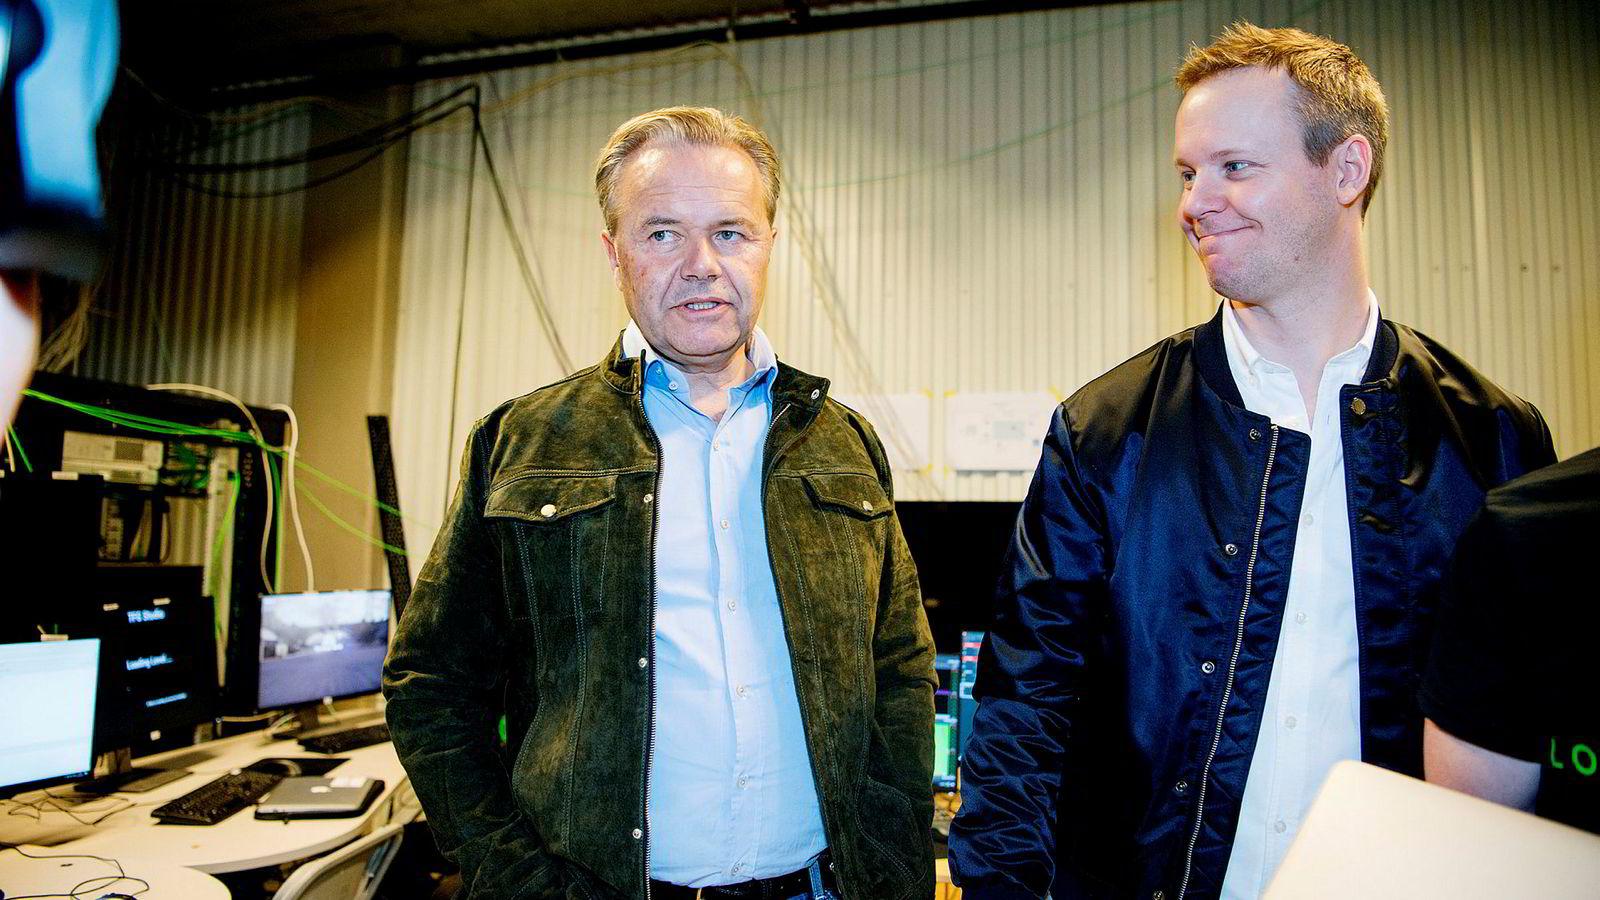 Stemningen var god da gründerne Jens Petter Høili (til venstre) og Bård Anders Kasin presenterte «Lost in Time»-konseptet til pressen i november 2016. Drøyt halvannet år etter er både Høili og Kasin ute av selskapet, og eierandelen deres er vannet ut.